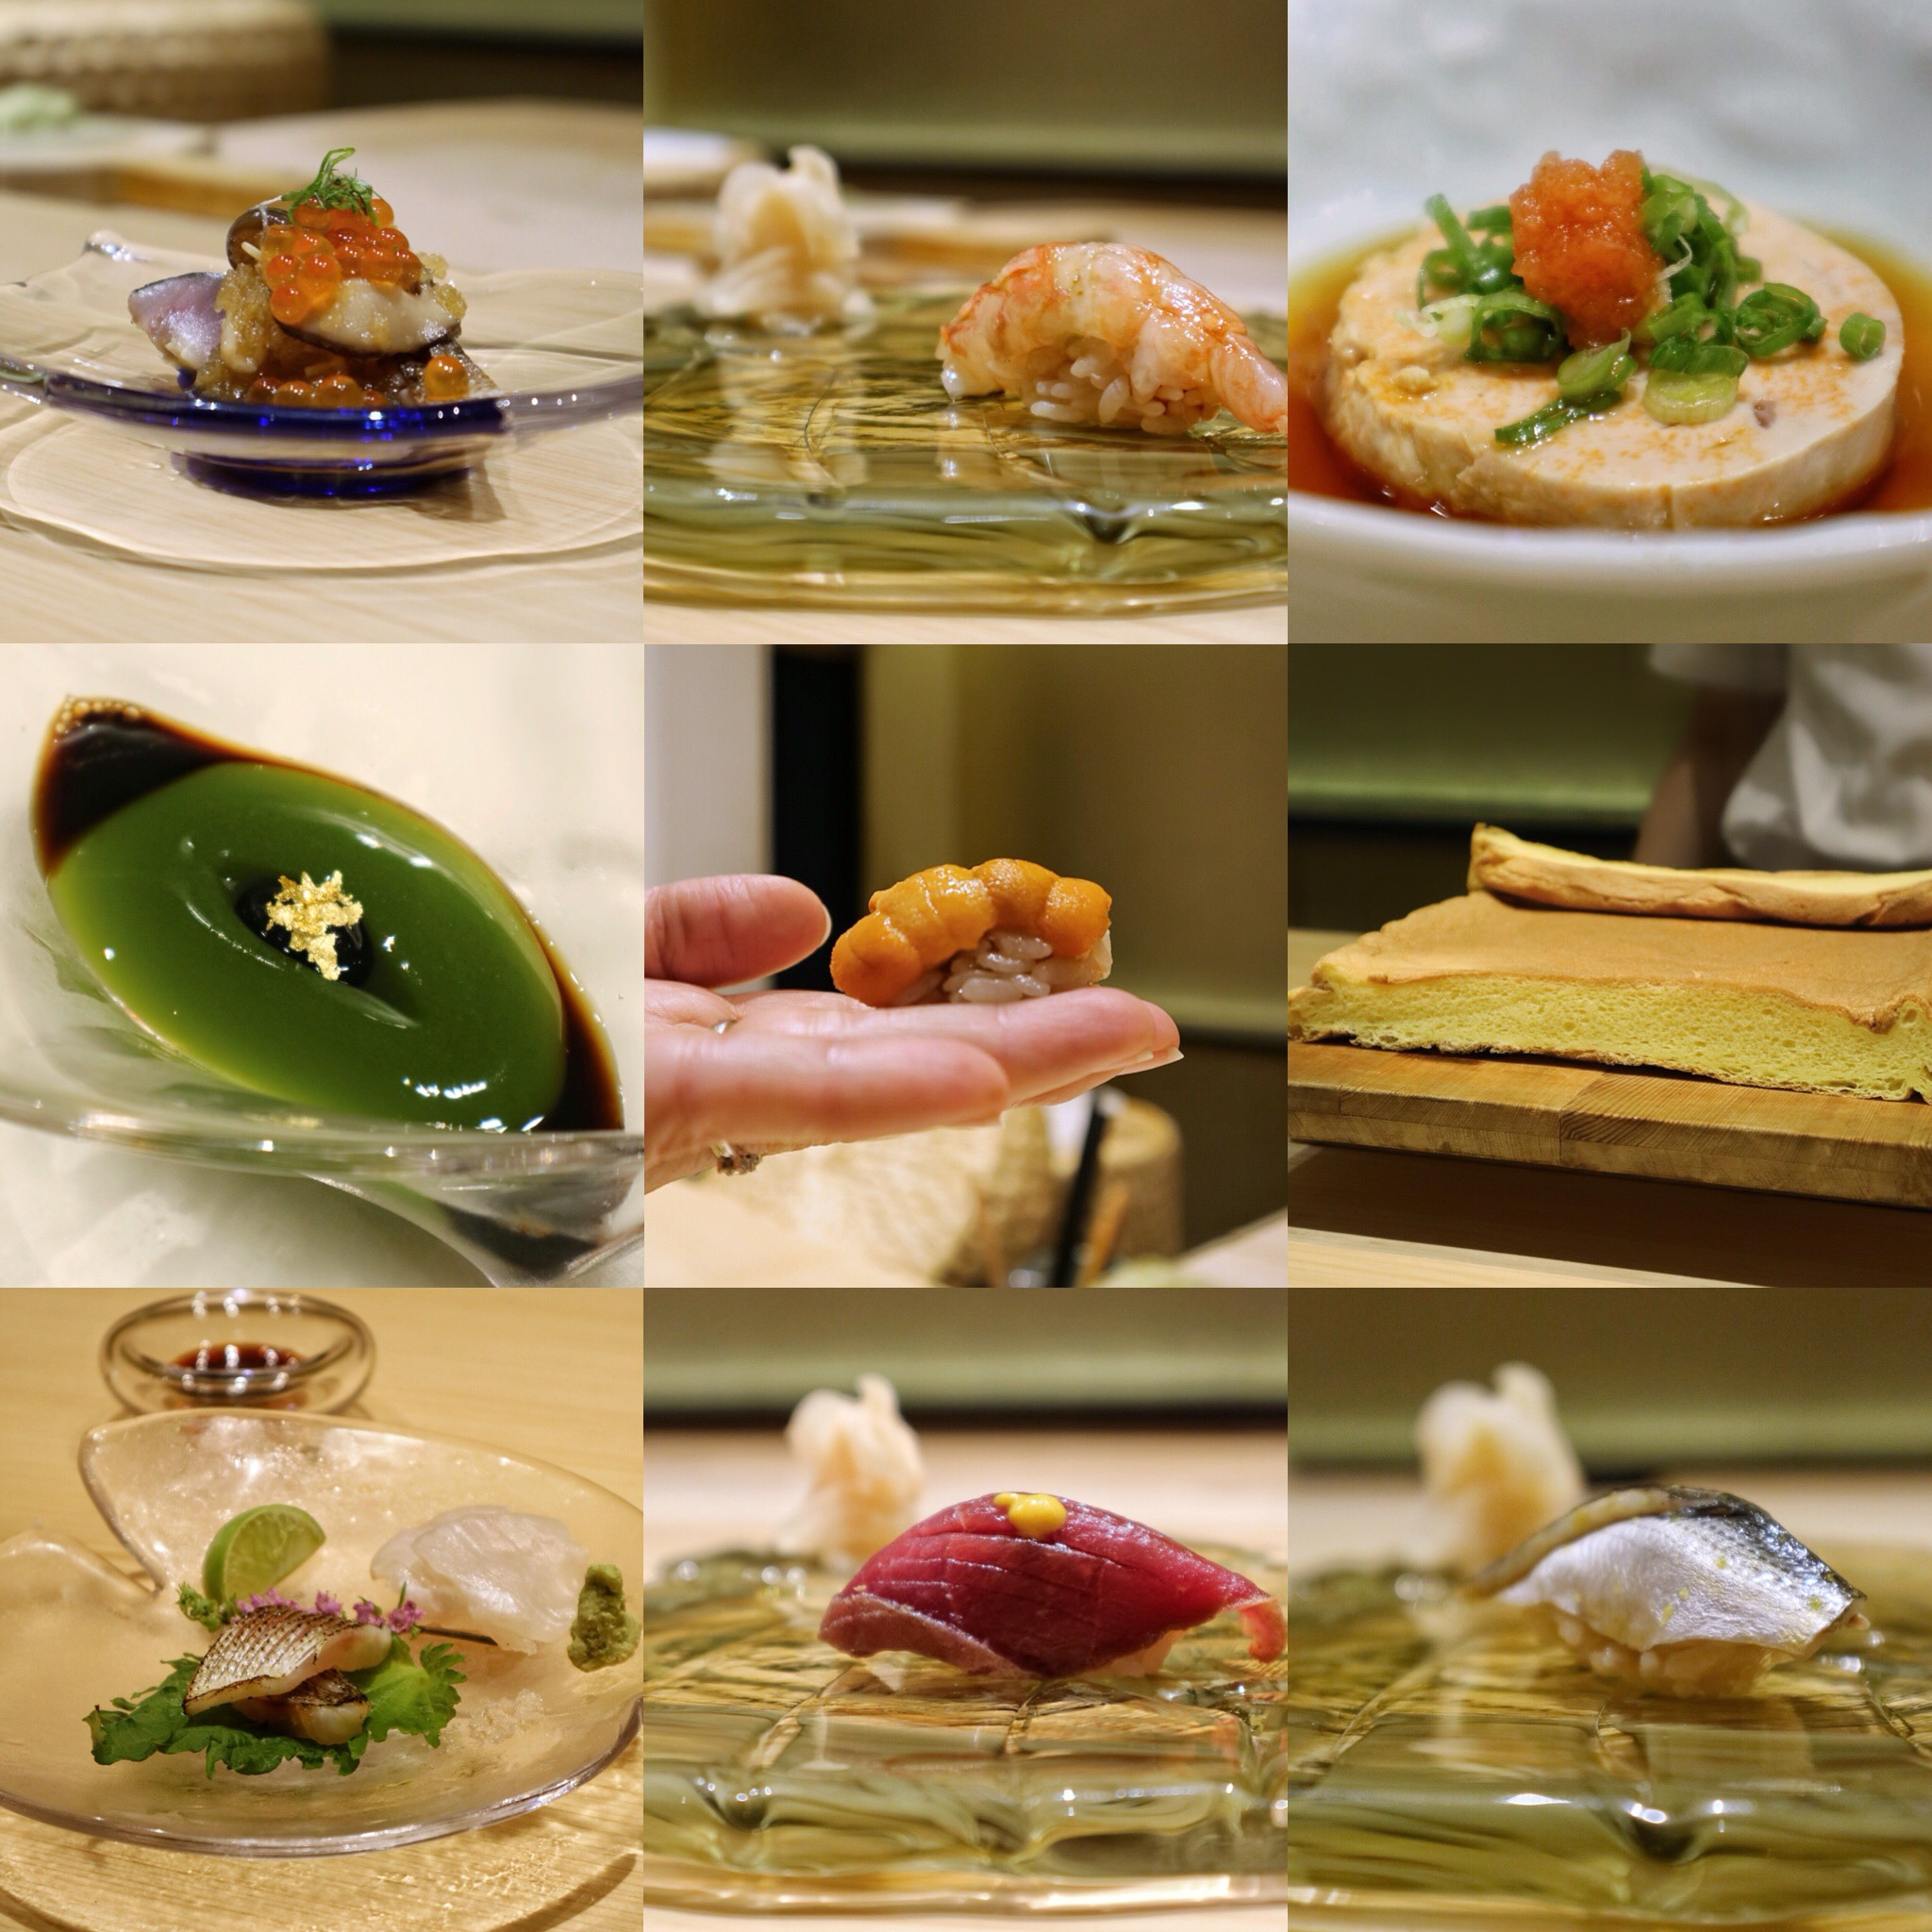 Sushi Chiharu Singapore: 18 Course Omakase Experience with 'Edomae Sushi' Originated 150 Years Ago!